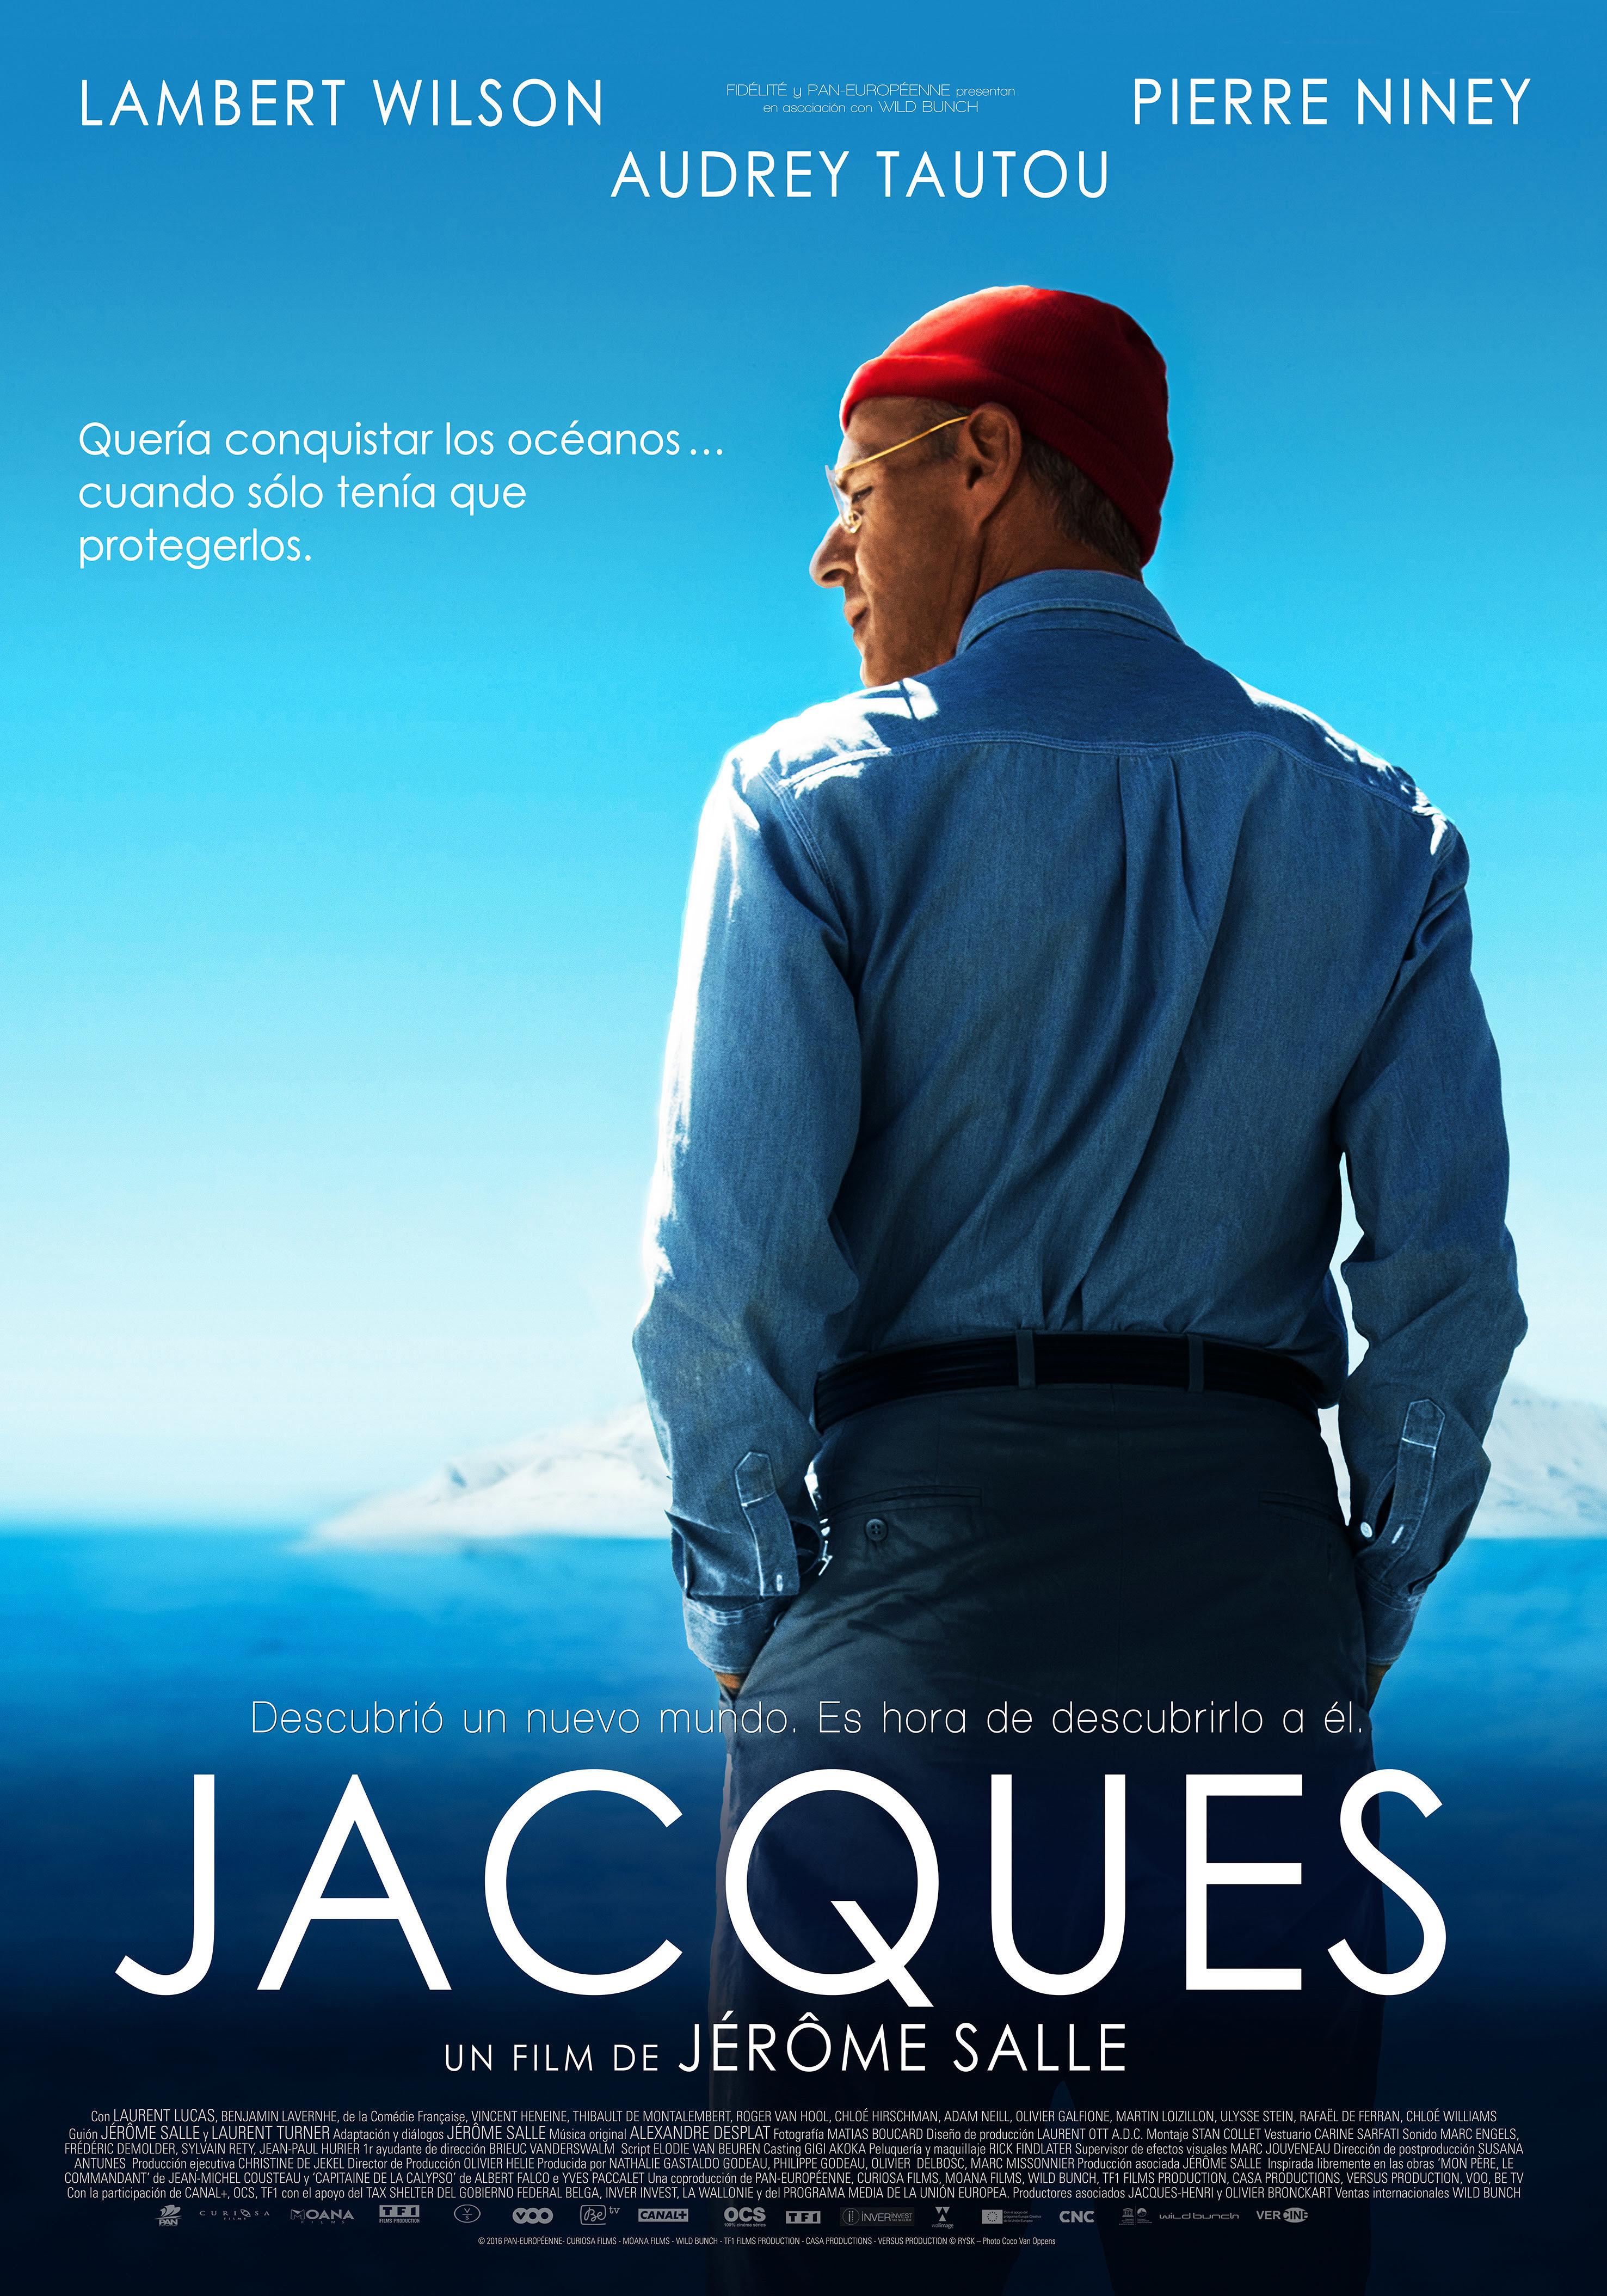 Jacques cartel.lecoolvalencia